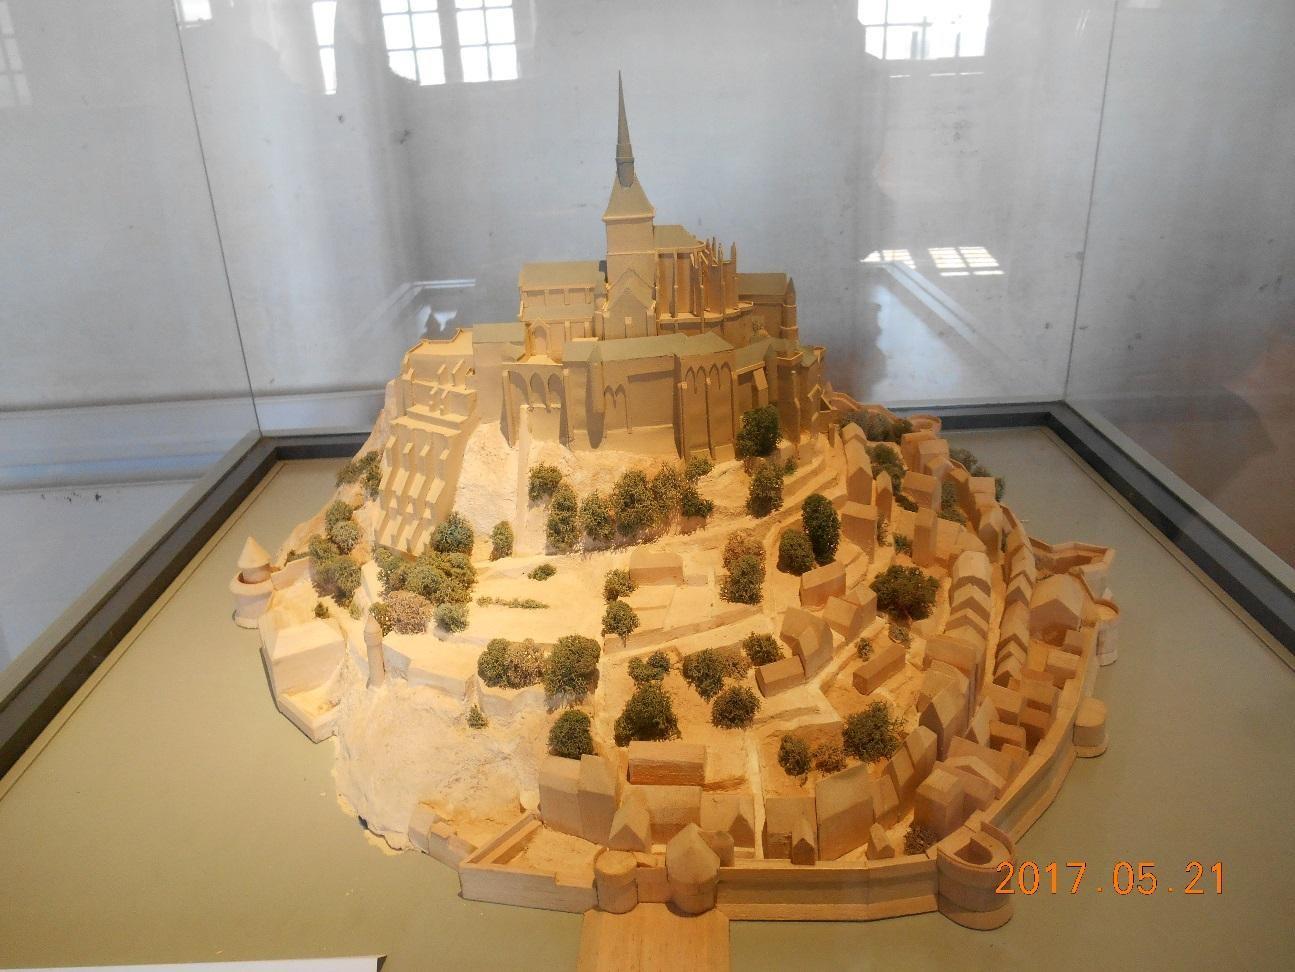 モン・サン=ミシェルの全景模型